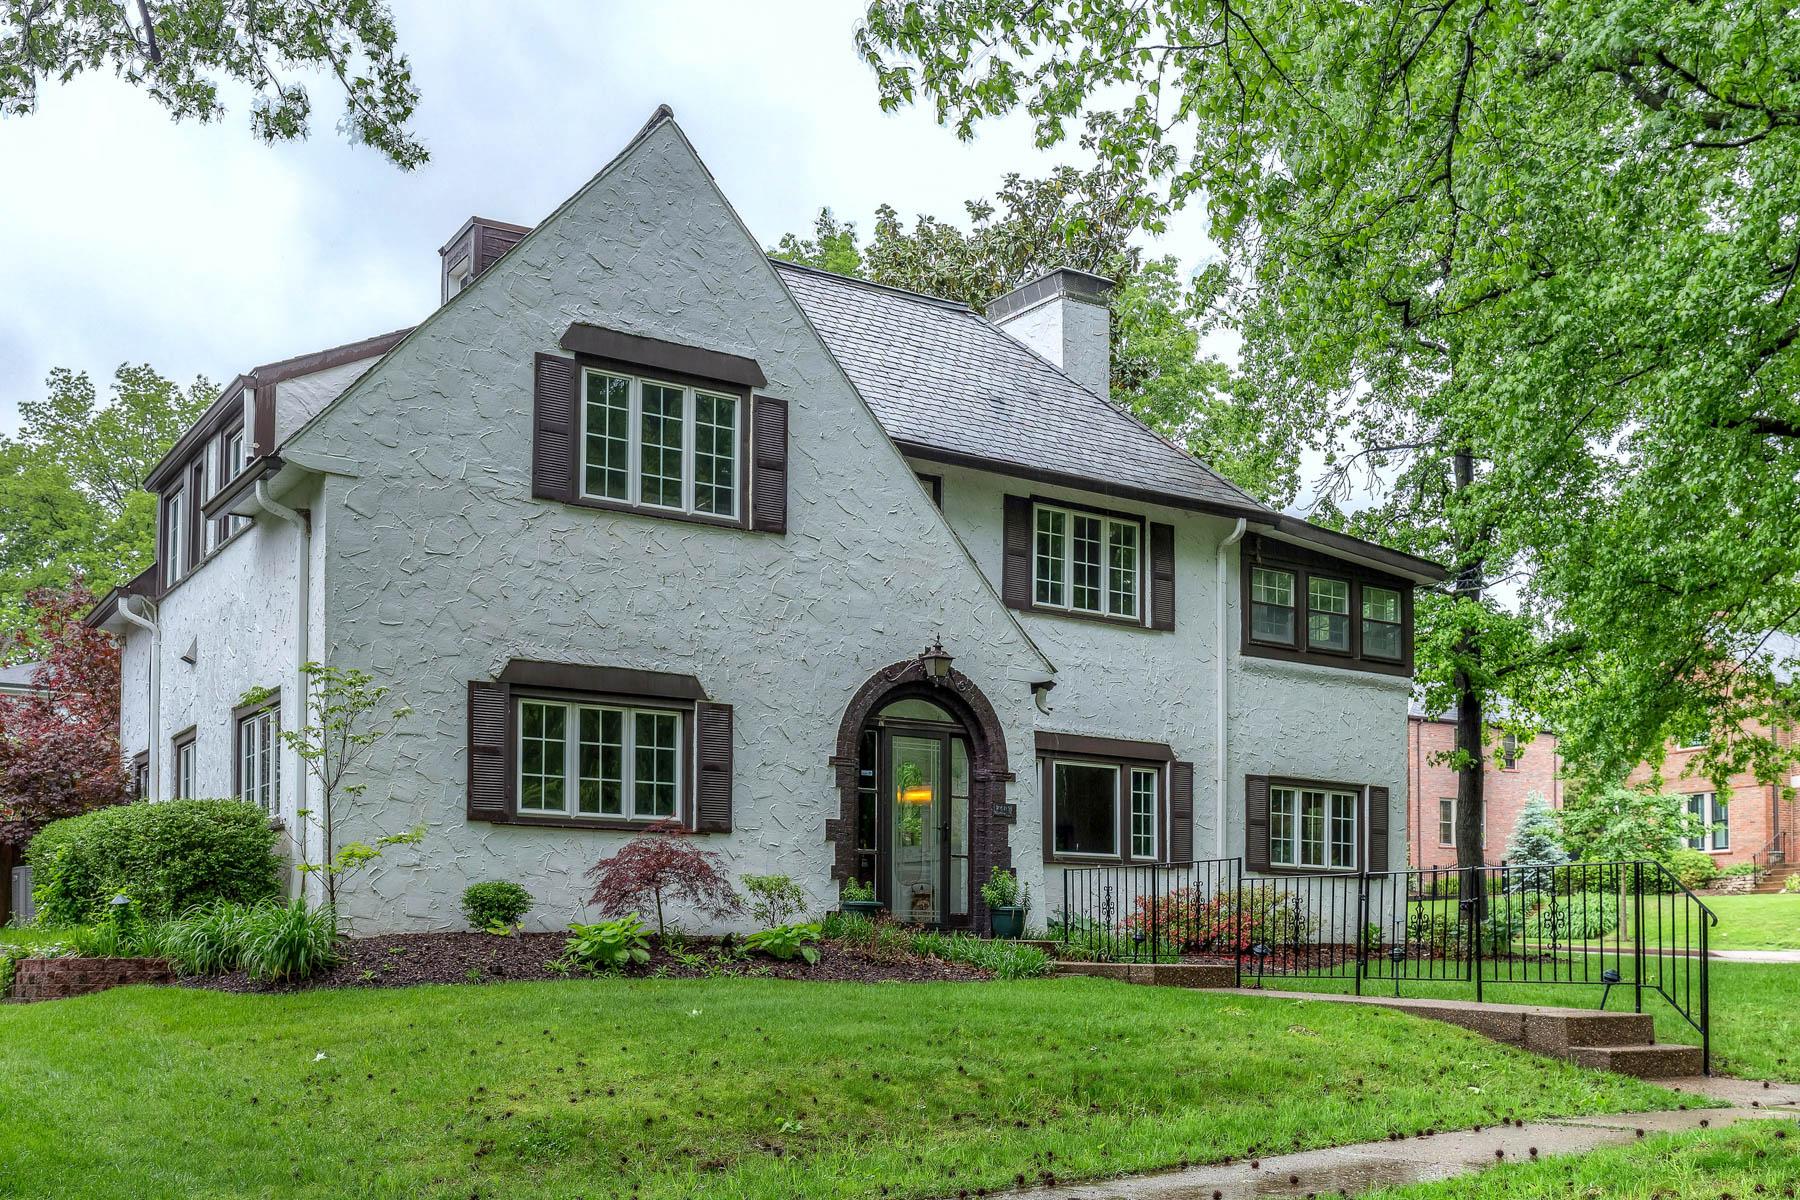 Maison unifamiliale pour l Vente à Oxford 7401 Oxford Clayton, Missouri, 63105 États-Unis